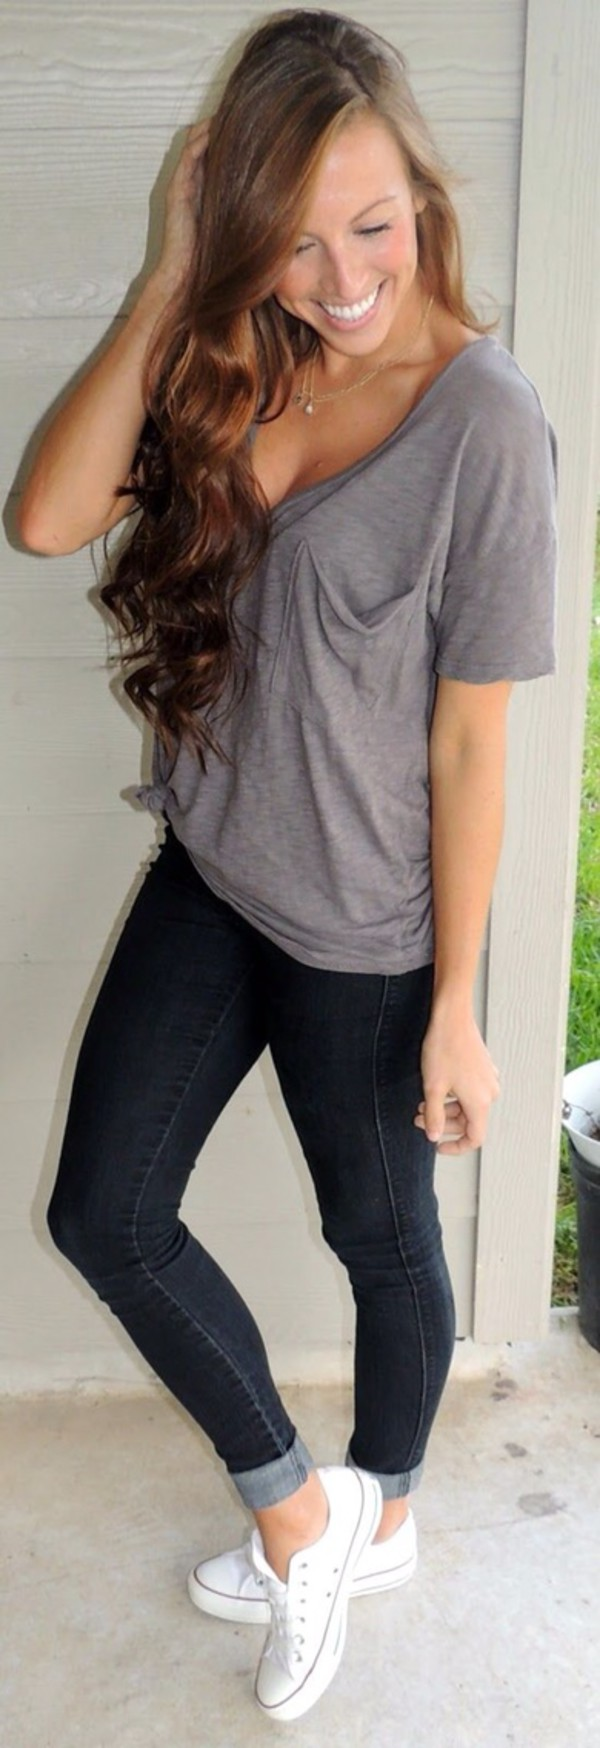 blouse top pants jeans t-shirt shoes shirt grey t-shirt style bag